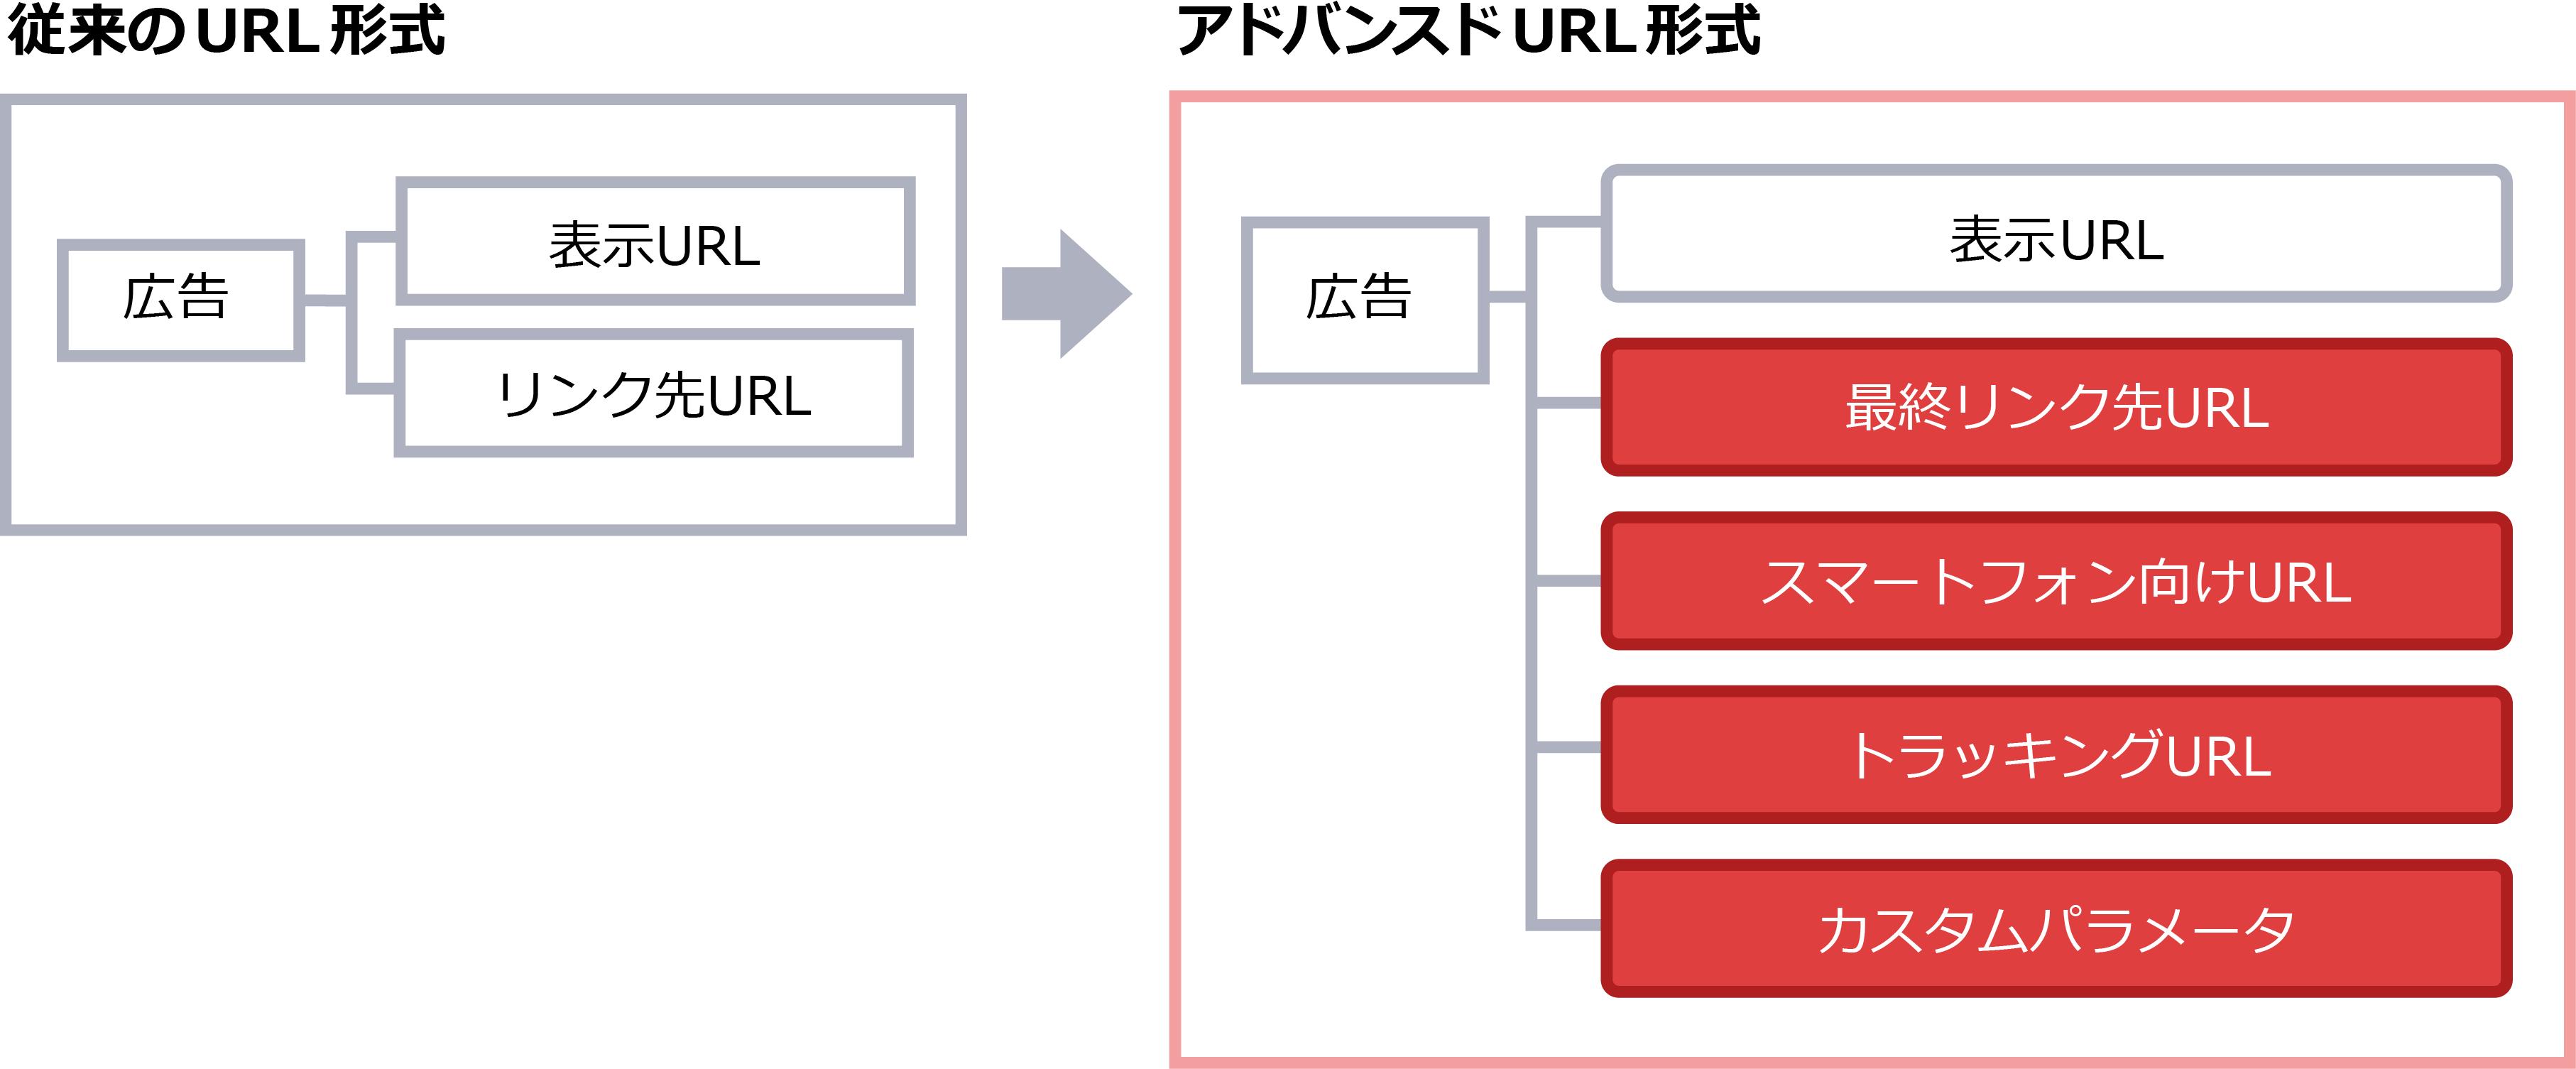 従来のURL形式と比べ、より分割管理が行いやすい形式となります。